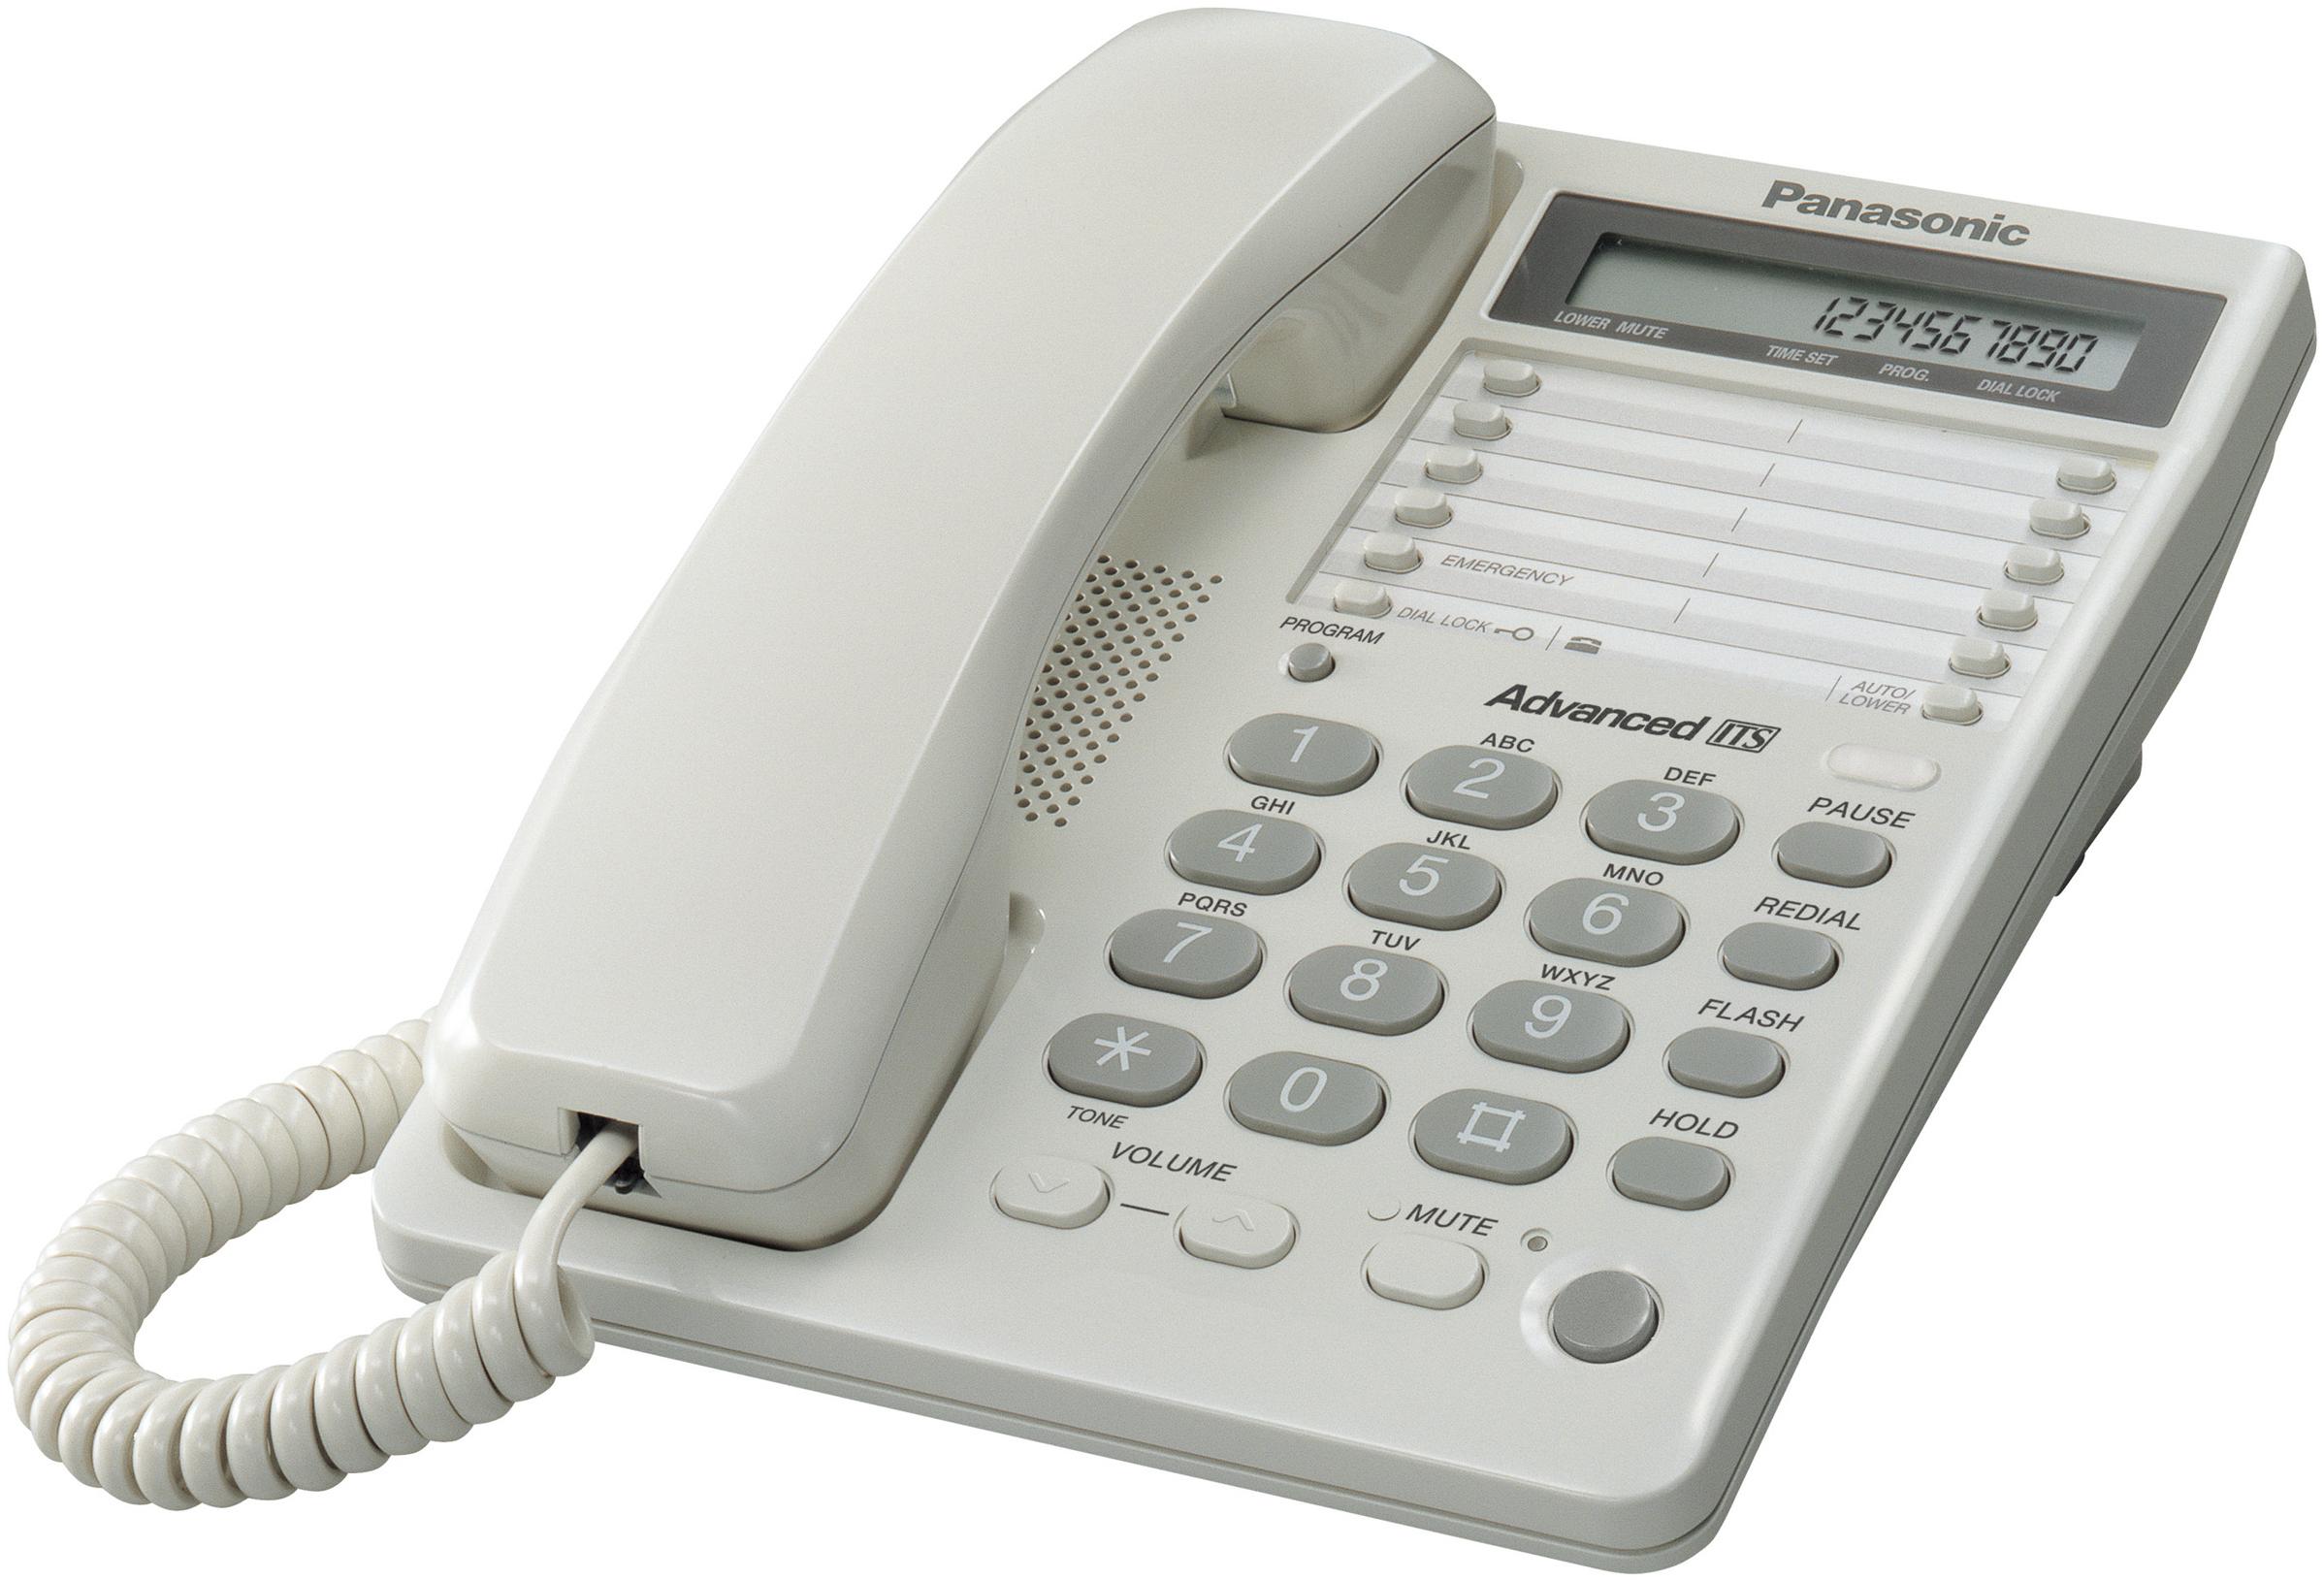 Проводной телефон Panasonic KX-TS2365RUWПроводные телефоны<br>Panasonic kx ts2365ruw: для деловых людей.<br>Деловому человеку, который ценит свое время и свой комфорт, просто необходим такой же деловой телефон. Притом телефон должен быть удобным, функциональным, современным, стильным и, конечно, надежным. Где купить такой аппарат? Разумеется, на сайте нашего интернет-магазина technomart.ru!<br>Проводной телефон Panasonic kx ts2365ruw полностью отвечает всем самым современным требованиям к устройству для качественной, быстрой и комфортной связи. Однокнопочный набор номера, переадресация, автодозвон, тональный набор, отключение звонка...<br><br>Тип: проводной телефон<br>Дисплей: есть<br>Органайзер: есть<br>Громкая связь (спикерфон): есть<br>Разъем для гарнитуры: есть<br>Количество линий : 1<br>Память (количество номеров): 30<br>Однокнопочный набор (количество кнопок): 20<br>Переадресация (Flash): есть<br>Повторный набор номера: есть